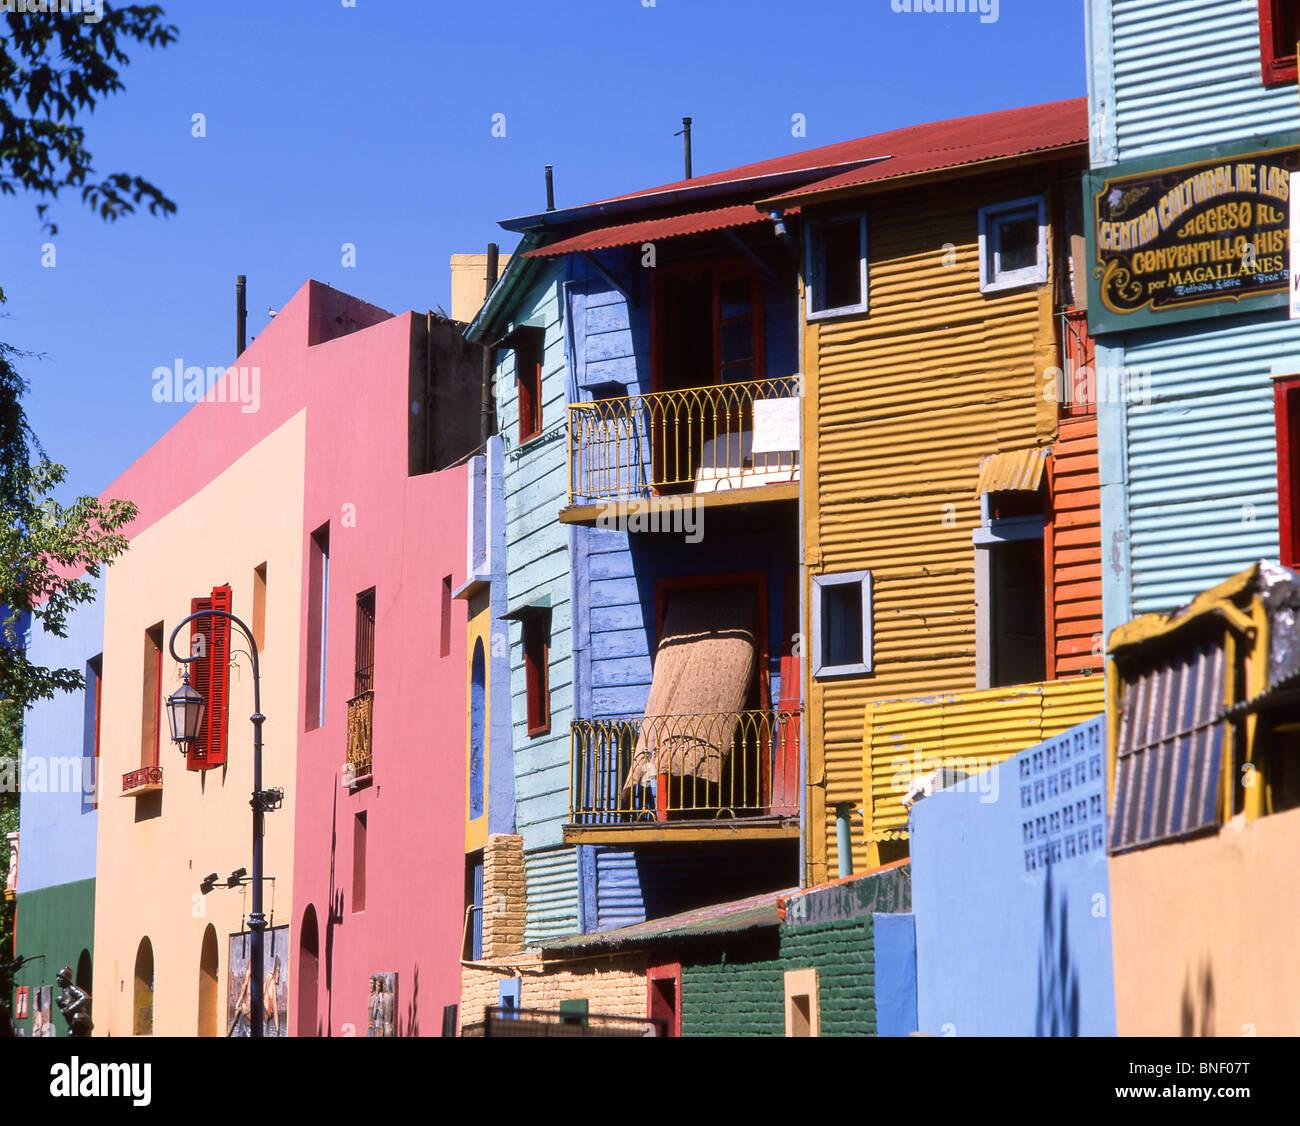 Les bâtiments aux couleurs pastel, la rue Caminito, la Boca, Buenos Aires, Argentine Photo Stock